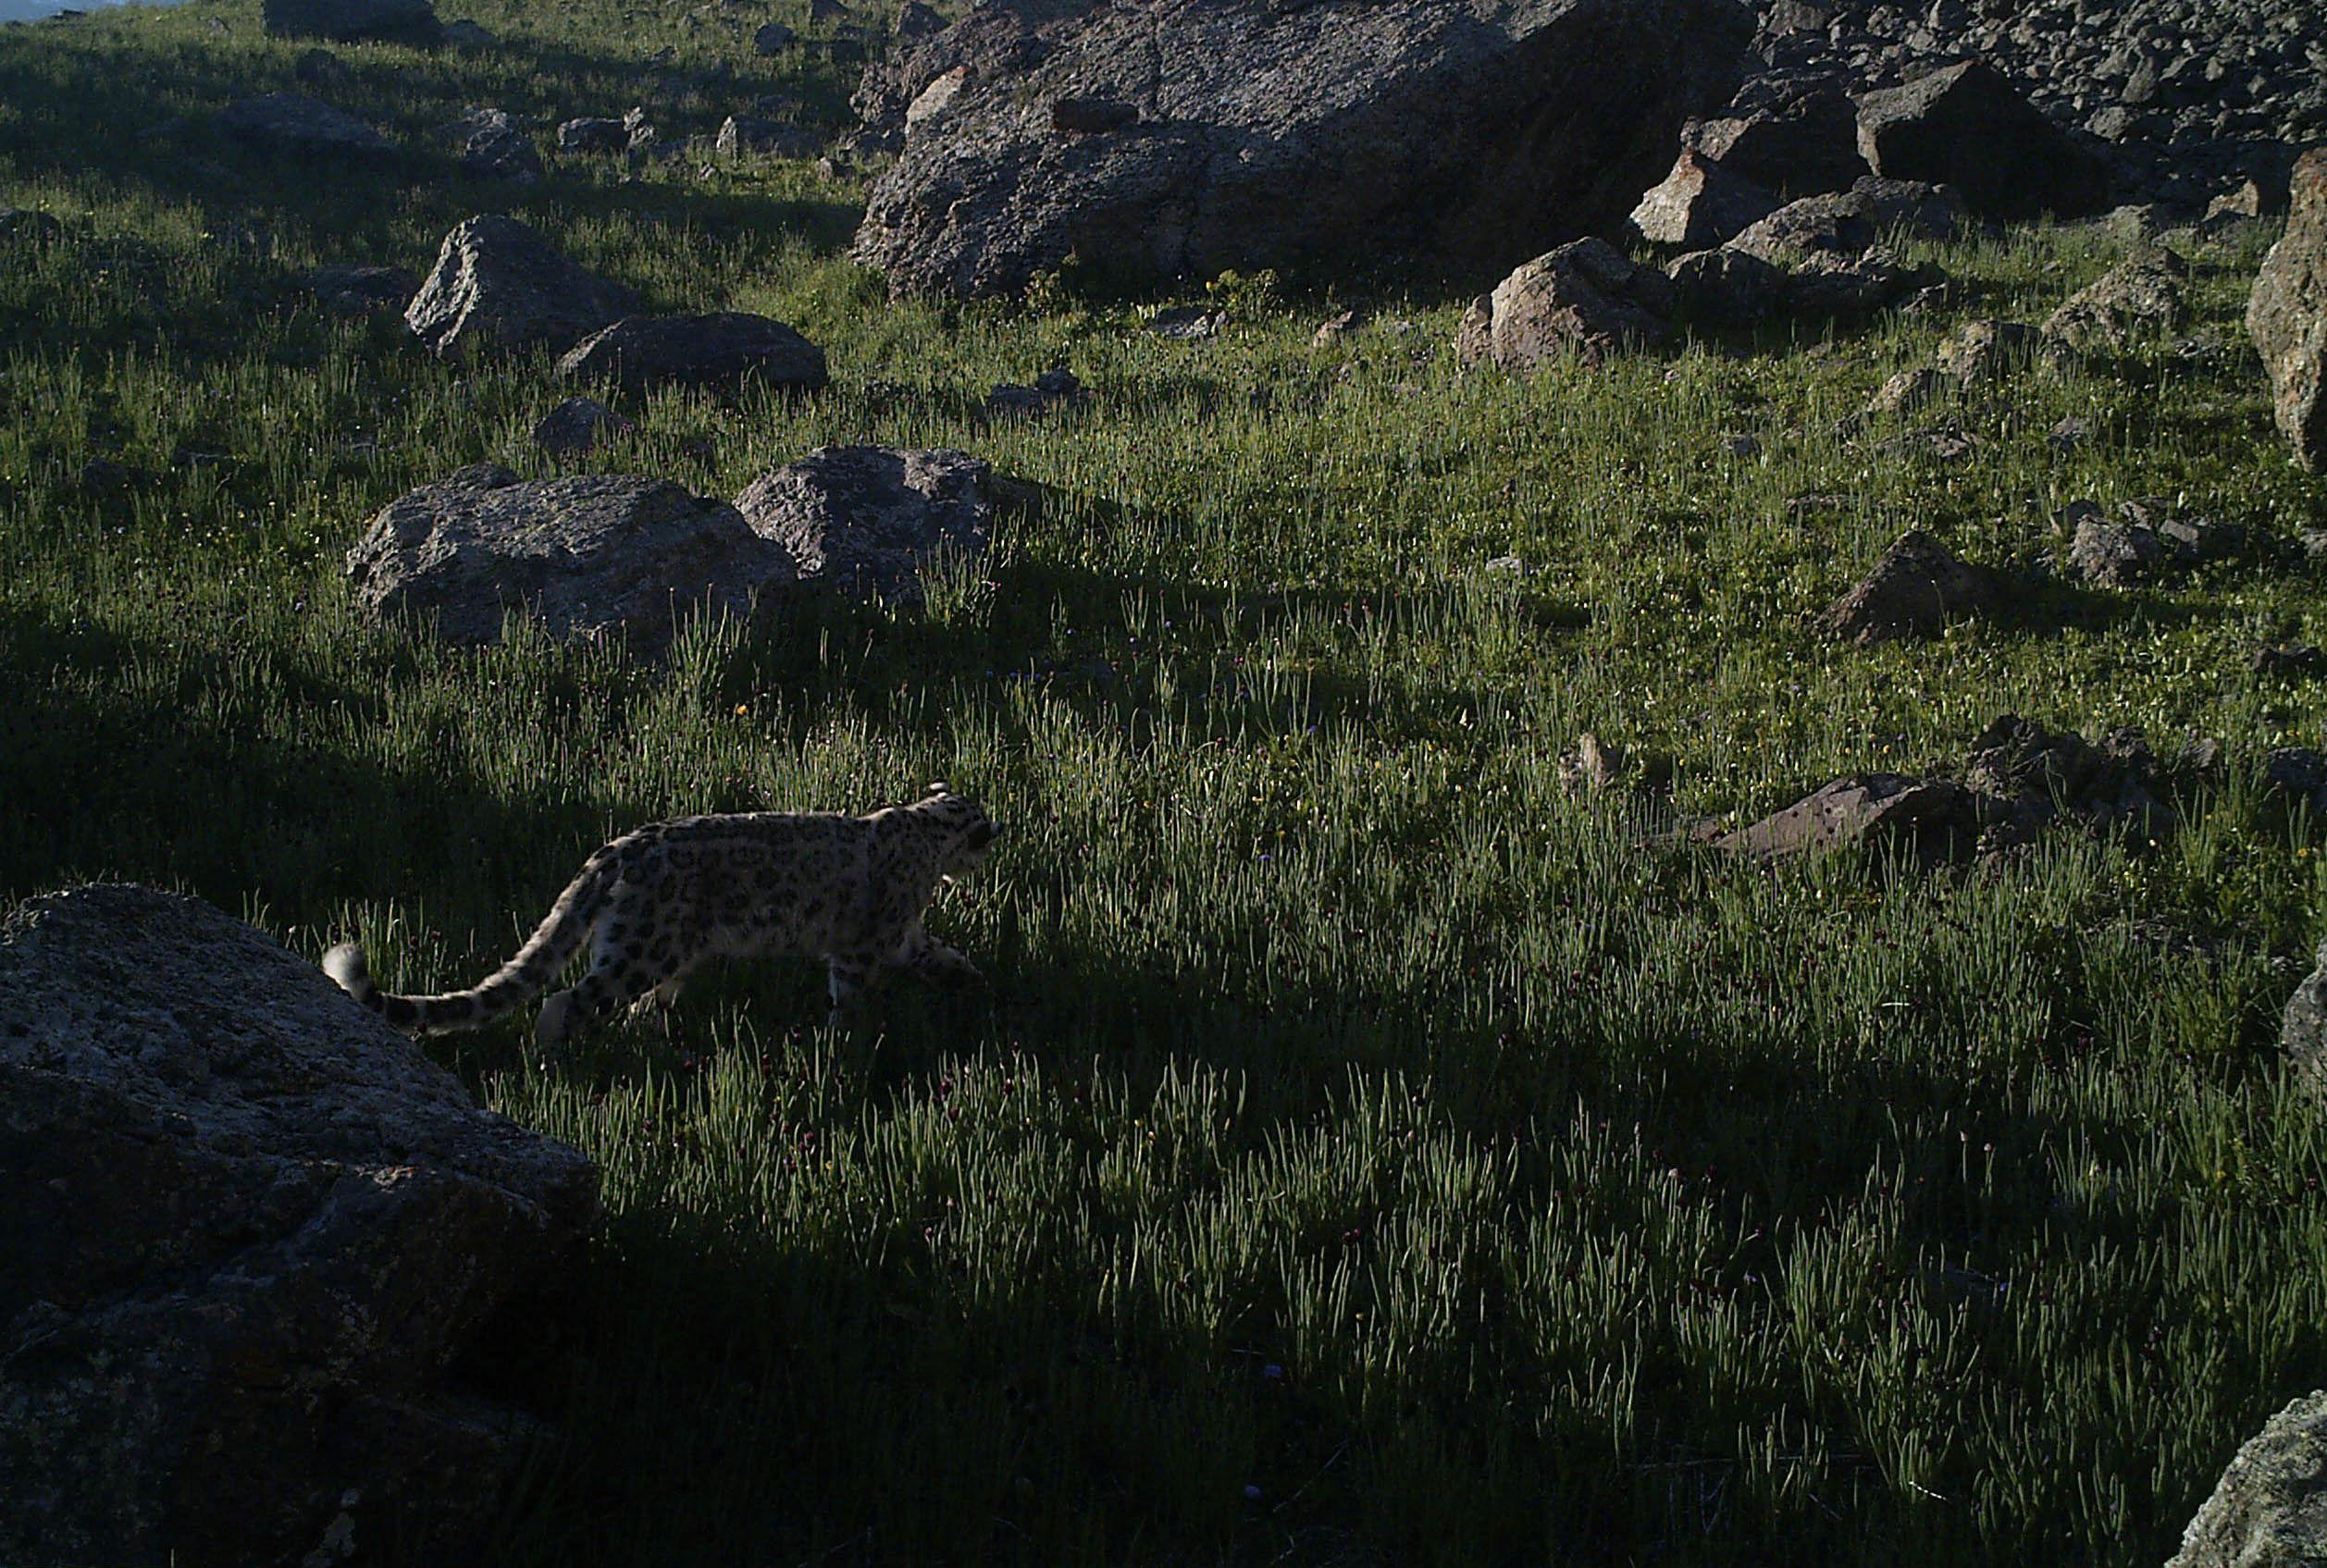 Фотоловушки запечатлели краснокнижного снежного барса на зеленых травах горных лугов